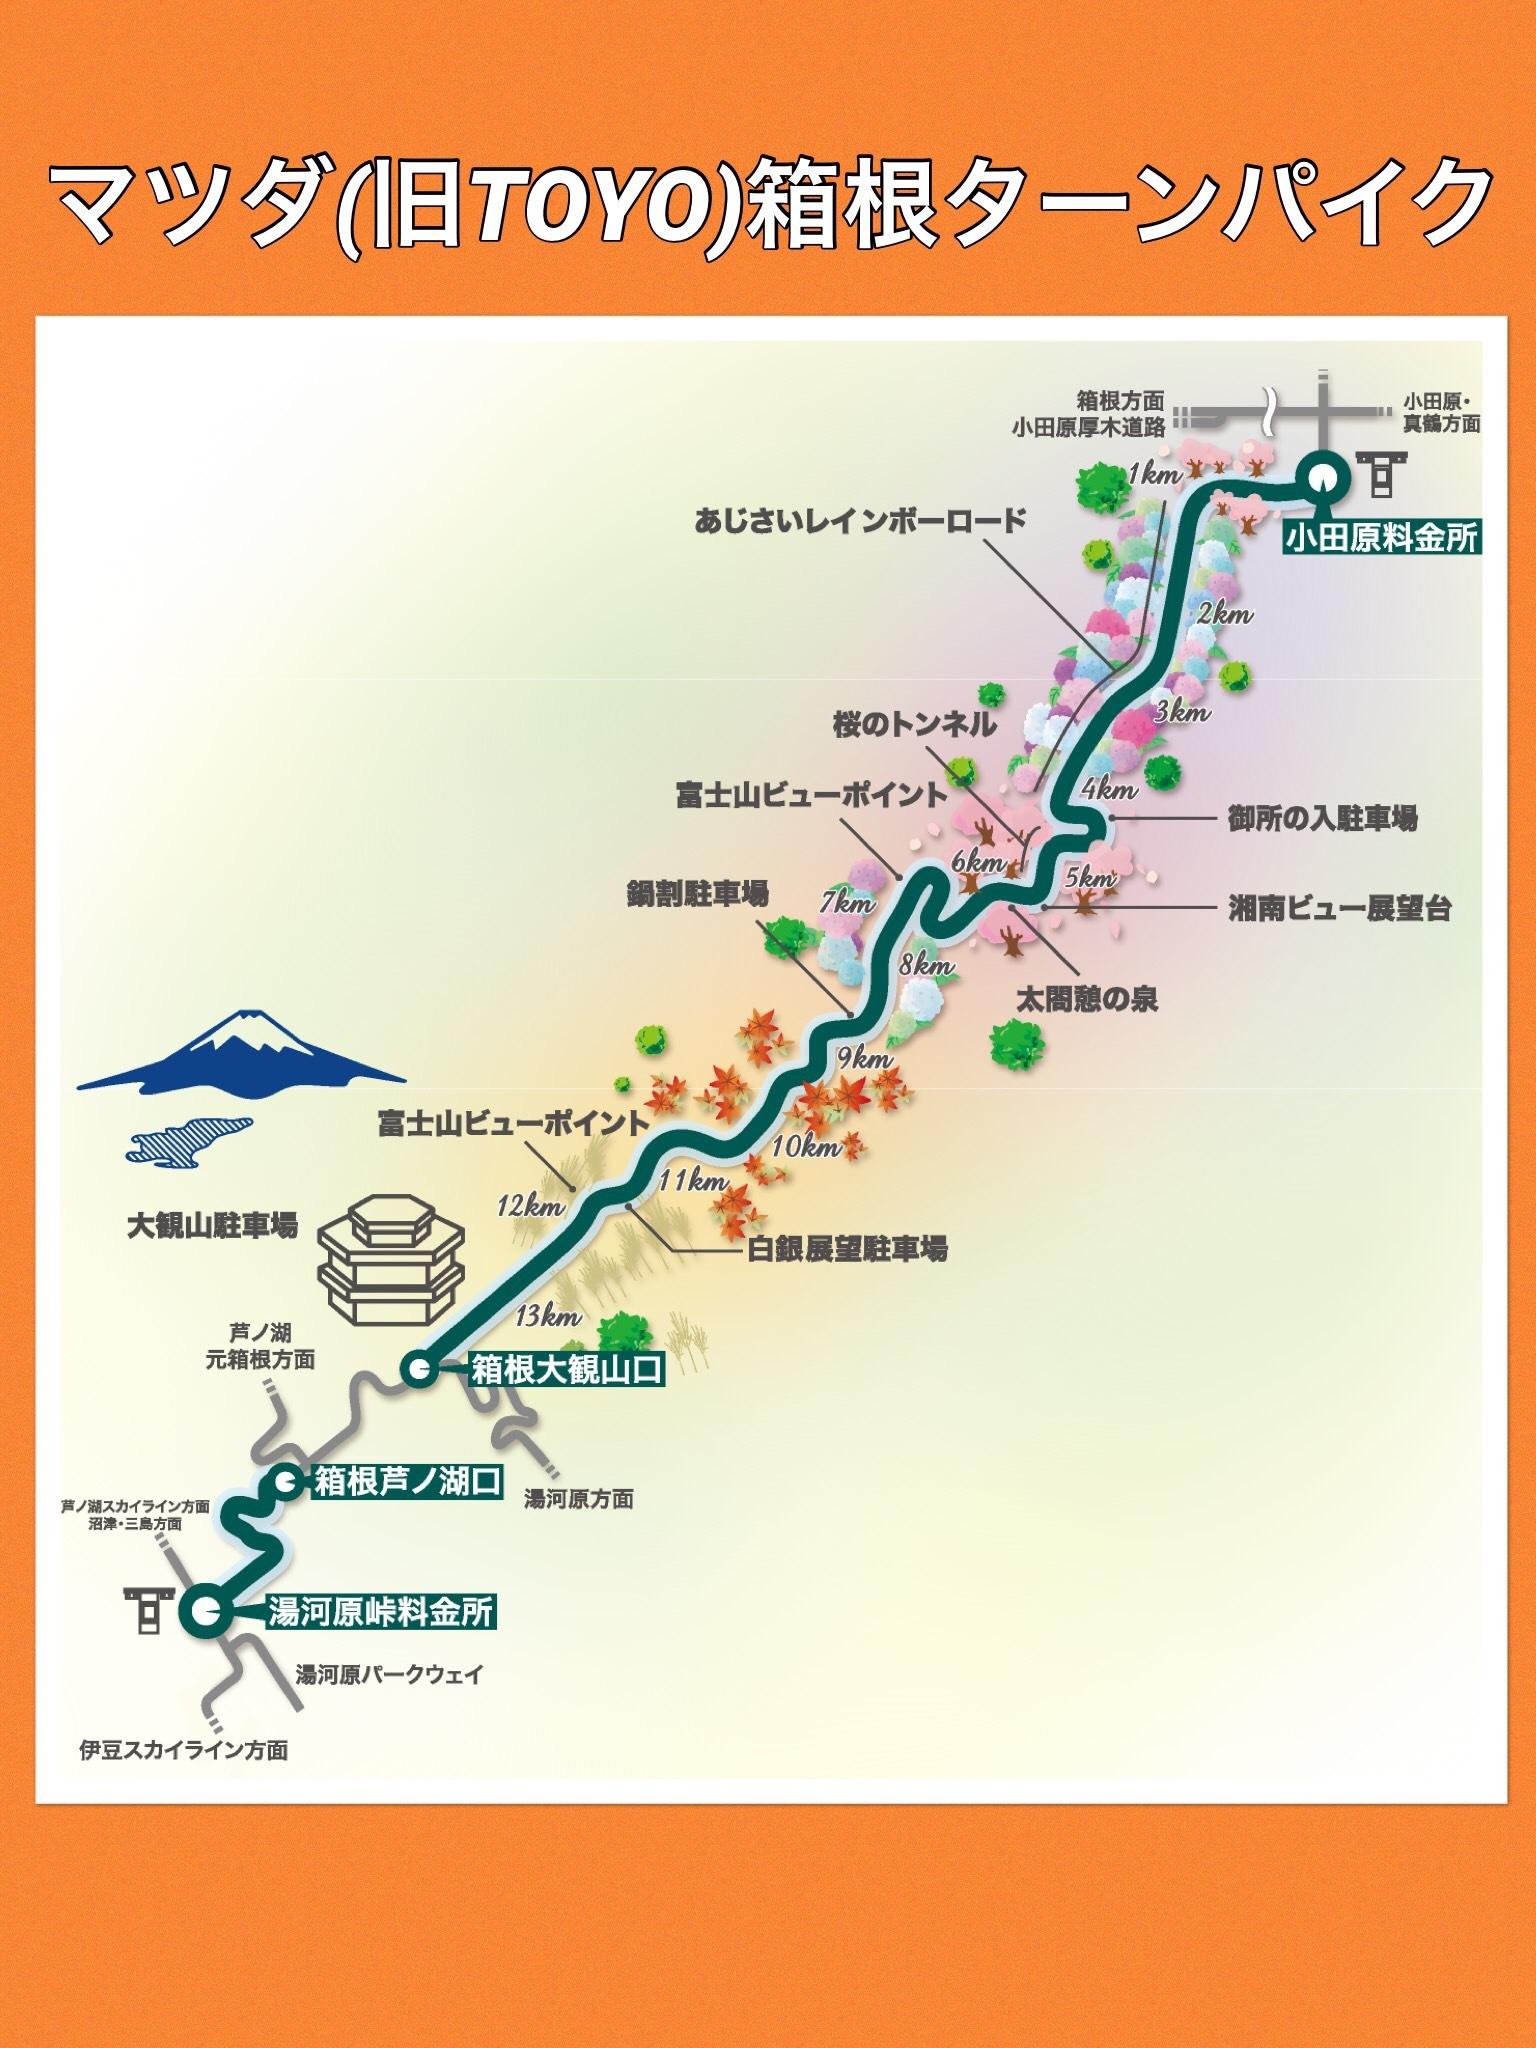 マツダターンパイク 箱根ターンパイク 旧TOYOターンパイク